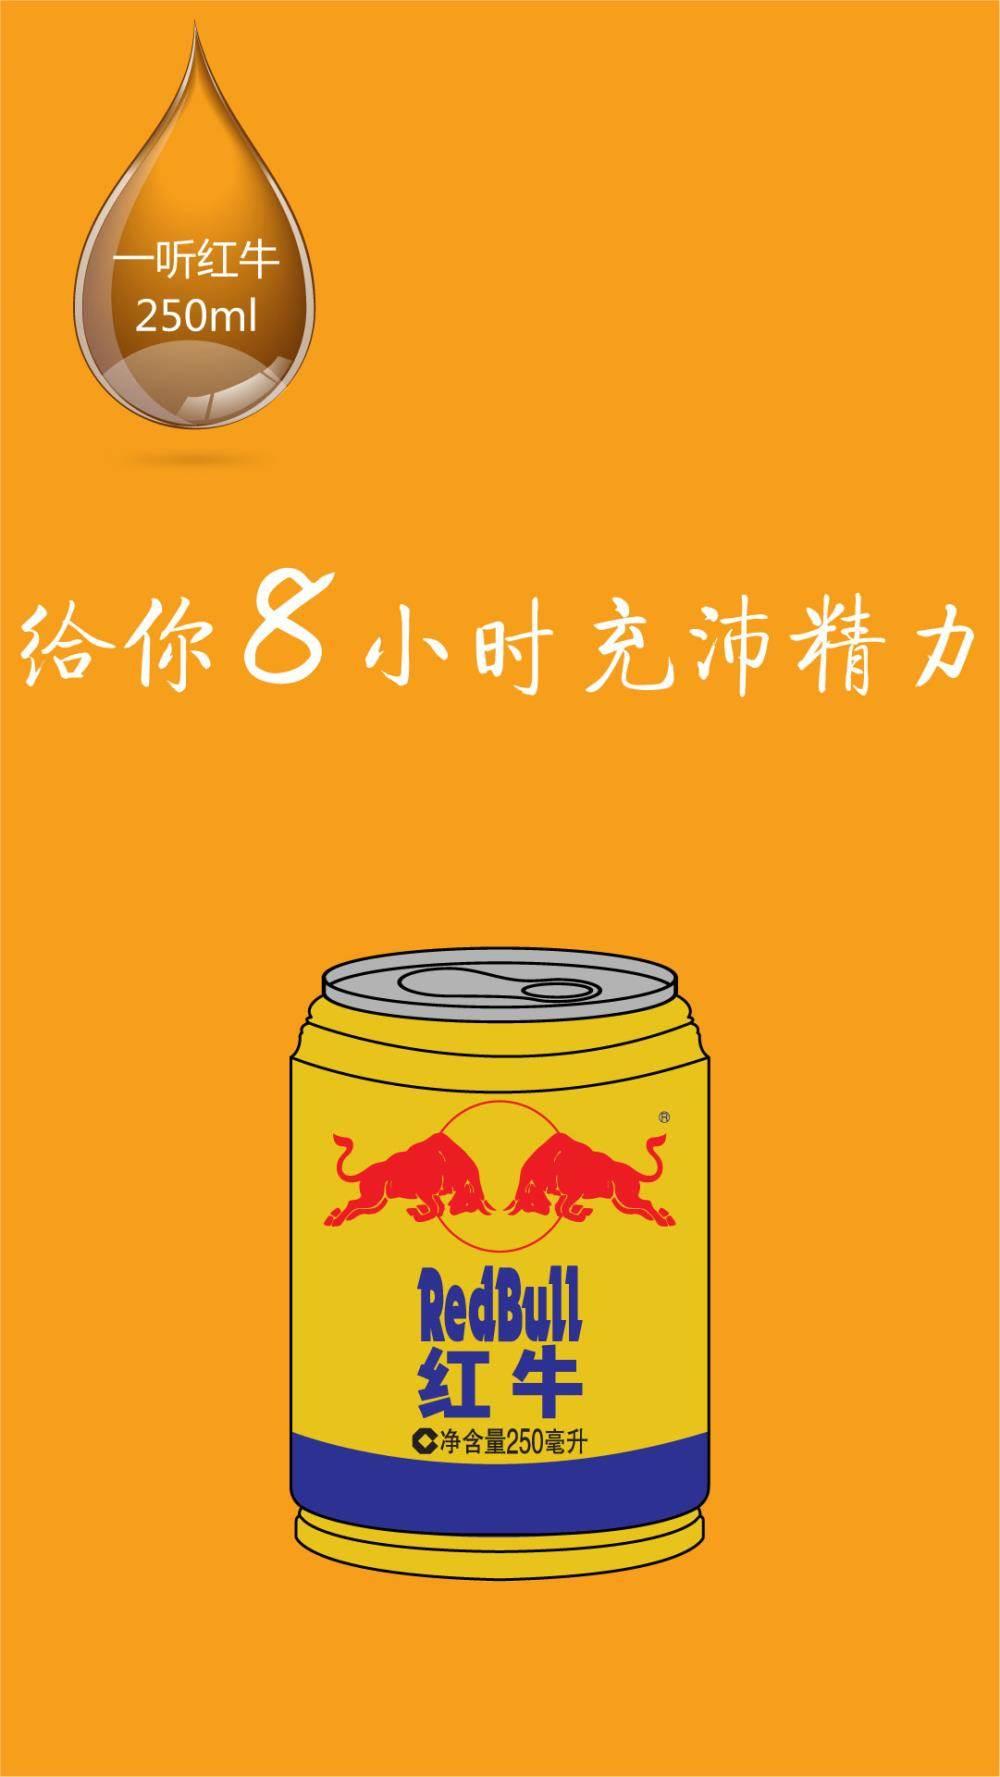 0414微信推送-04.jpg